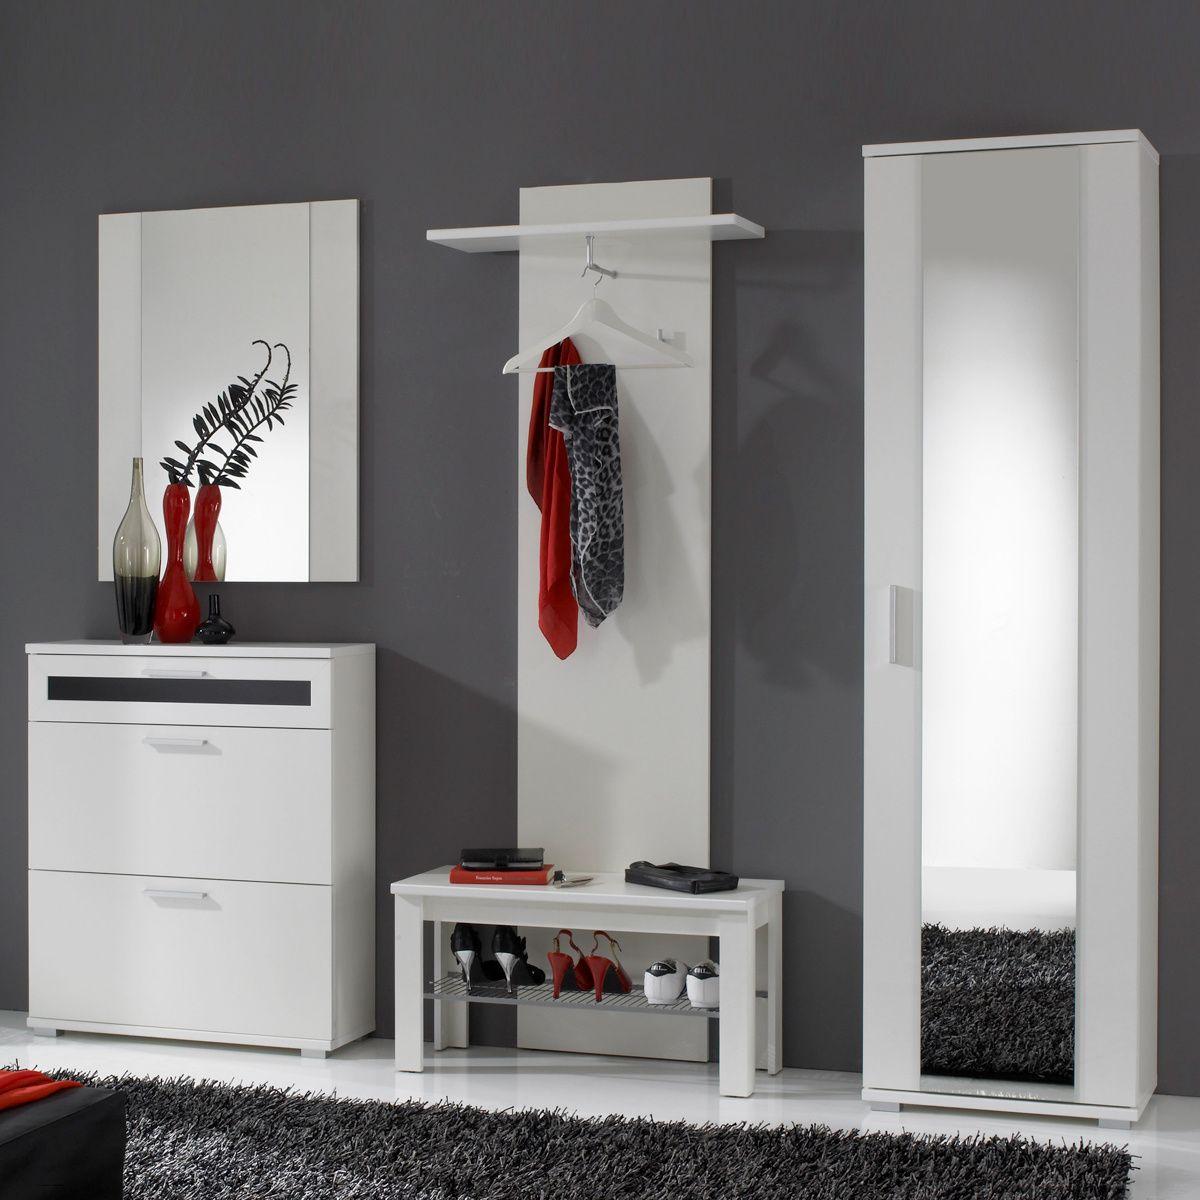 Garderobe Solido Set Mit Flur Schrank Schuhkommode Decor Home